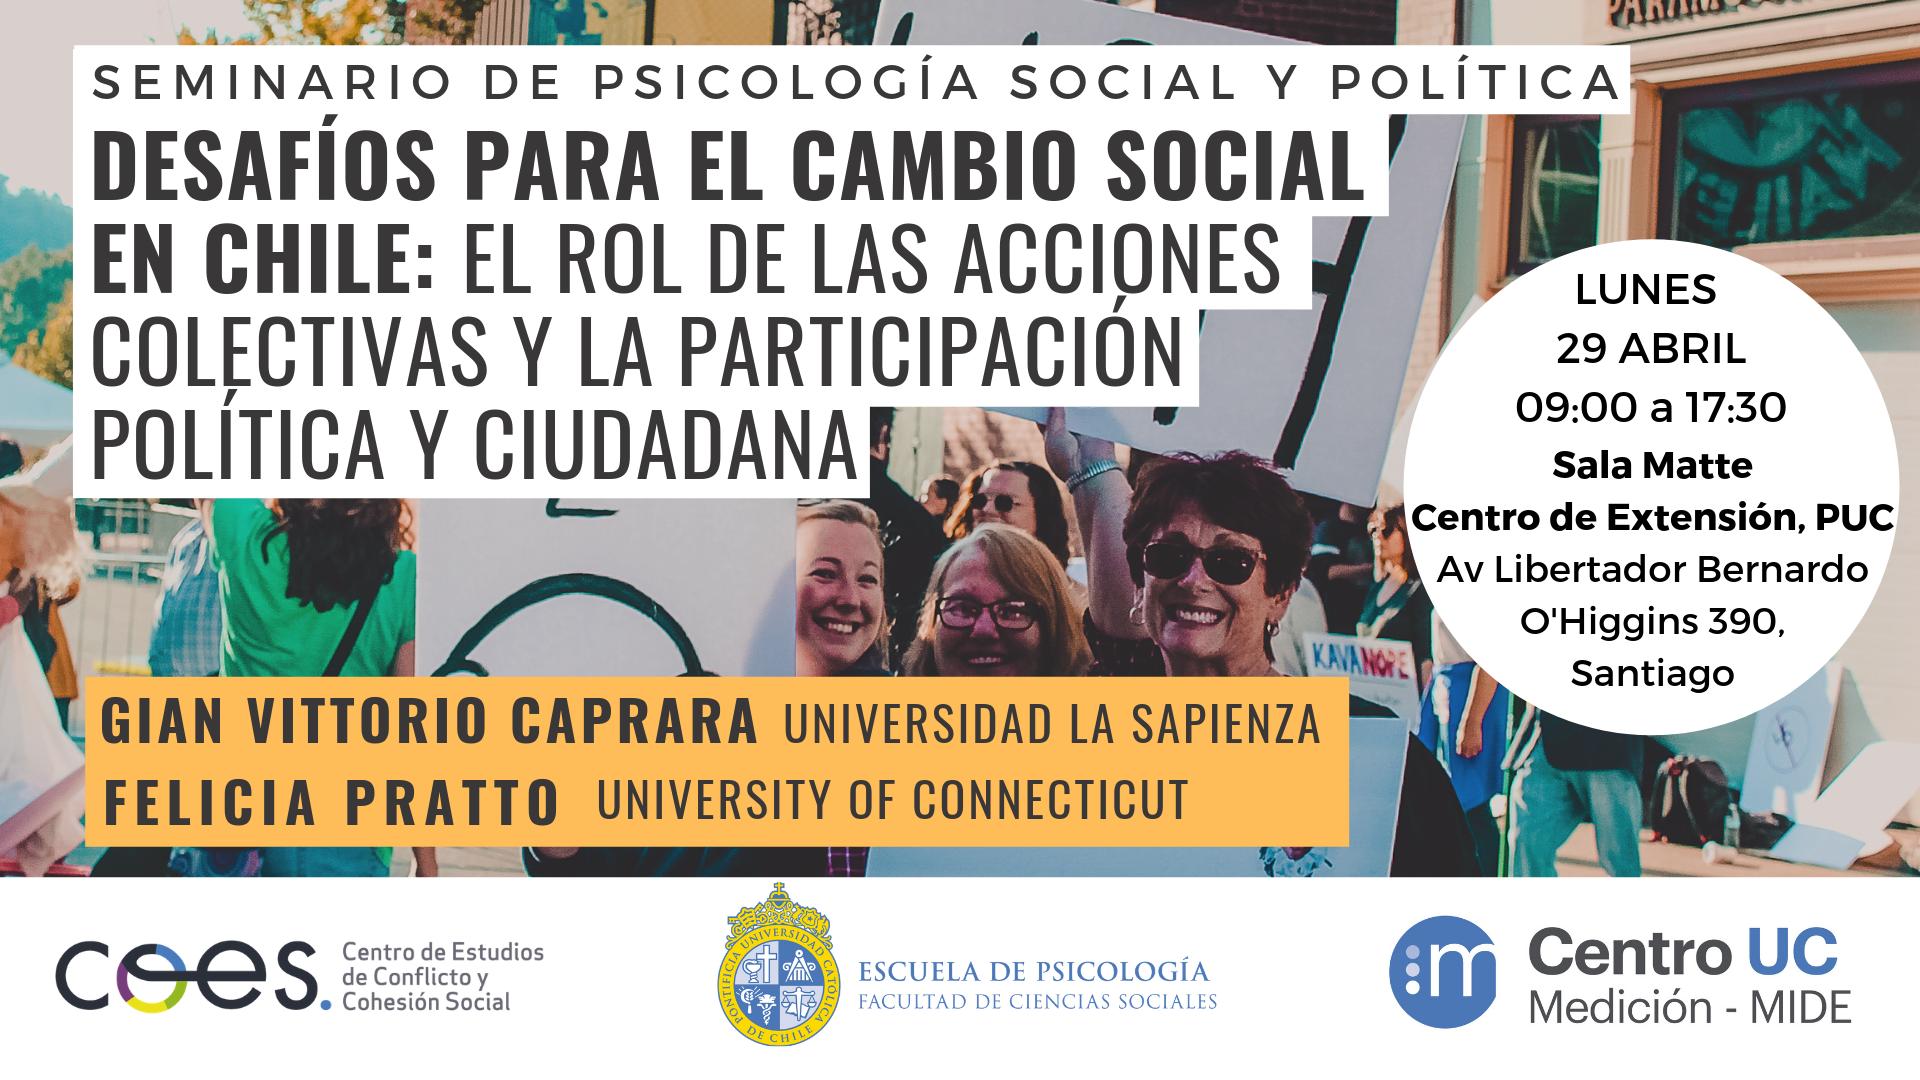 Seminario-de-Psicologia-Social-y-Politica-1